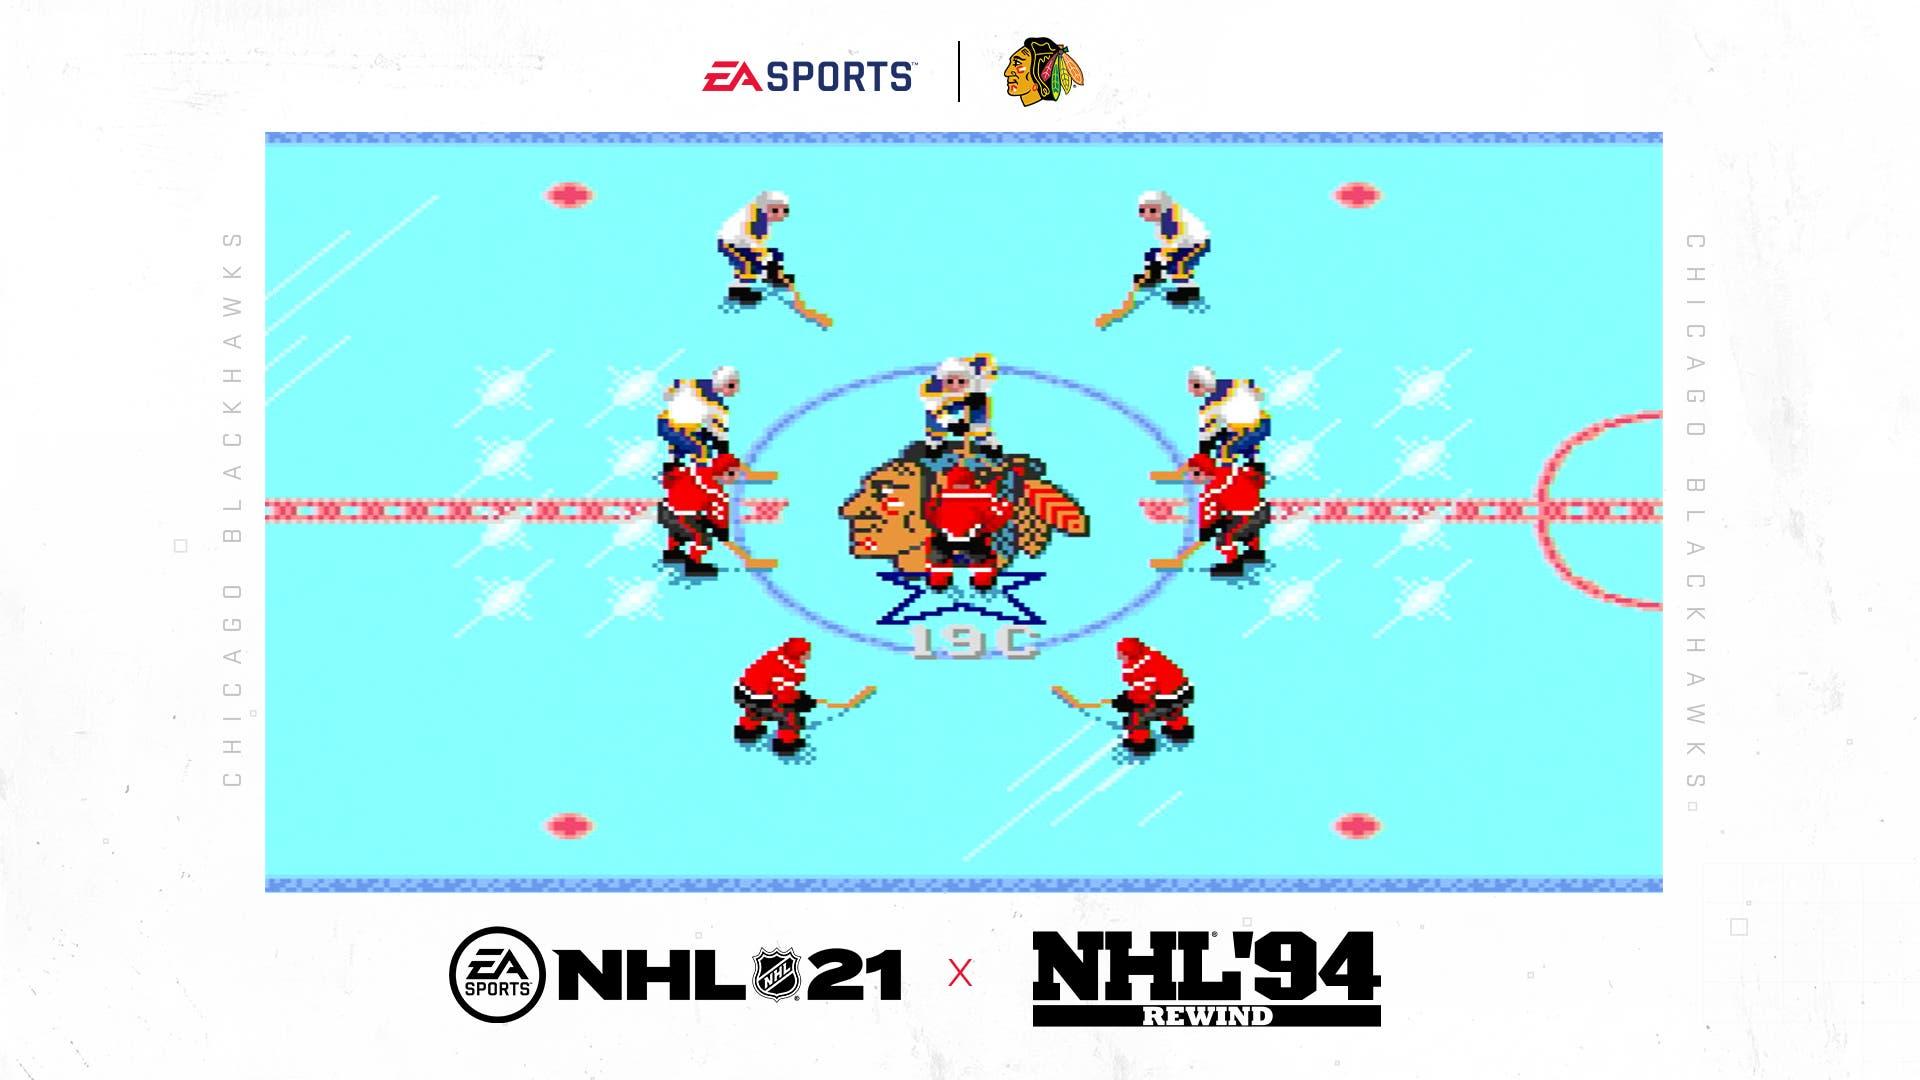 NHL94 Blackhawks 16x9